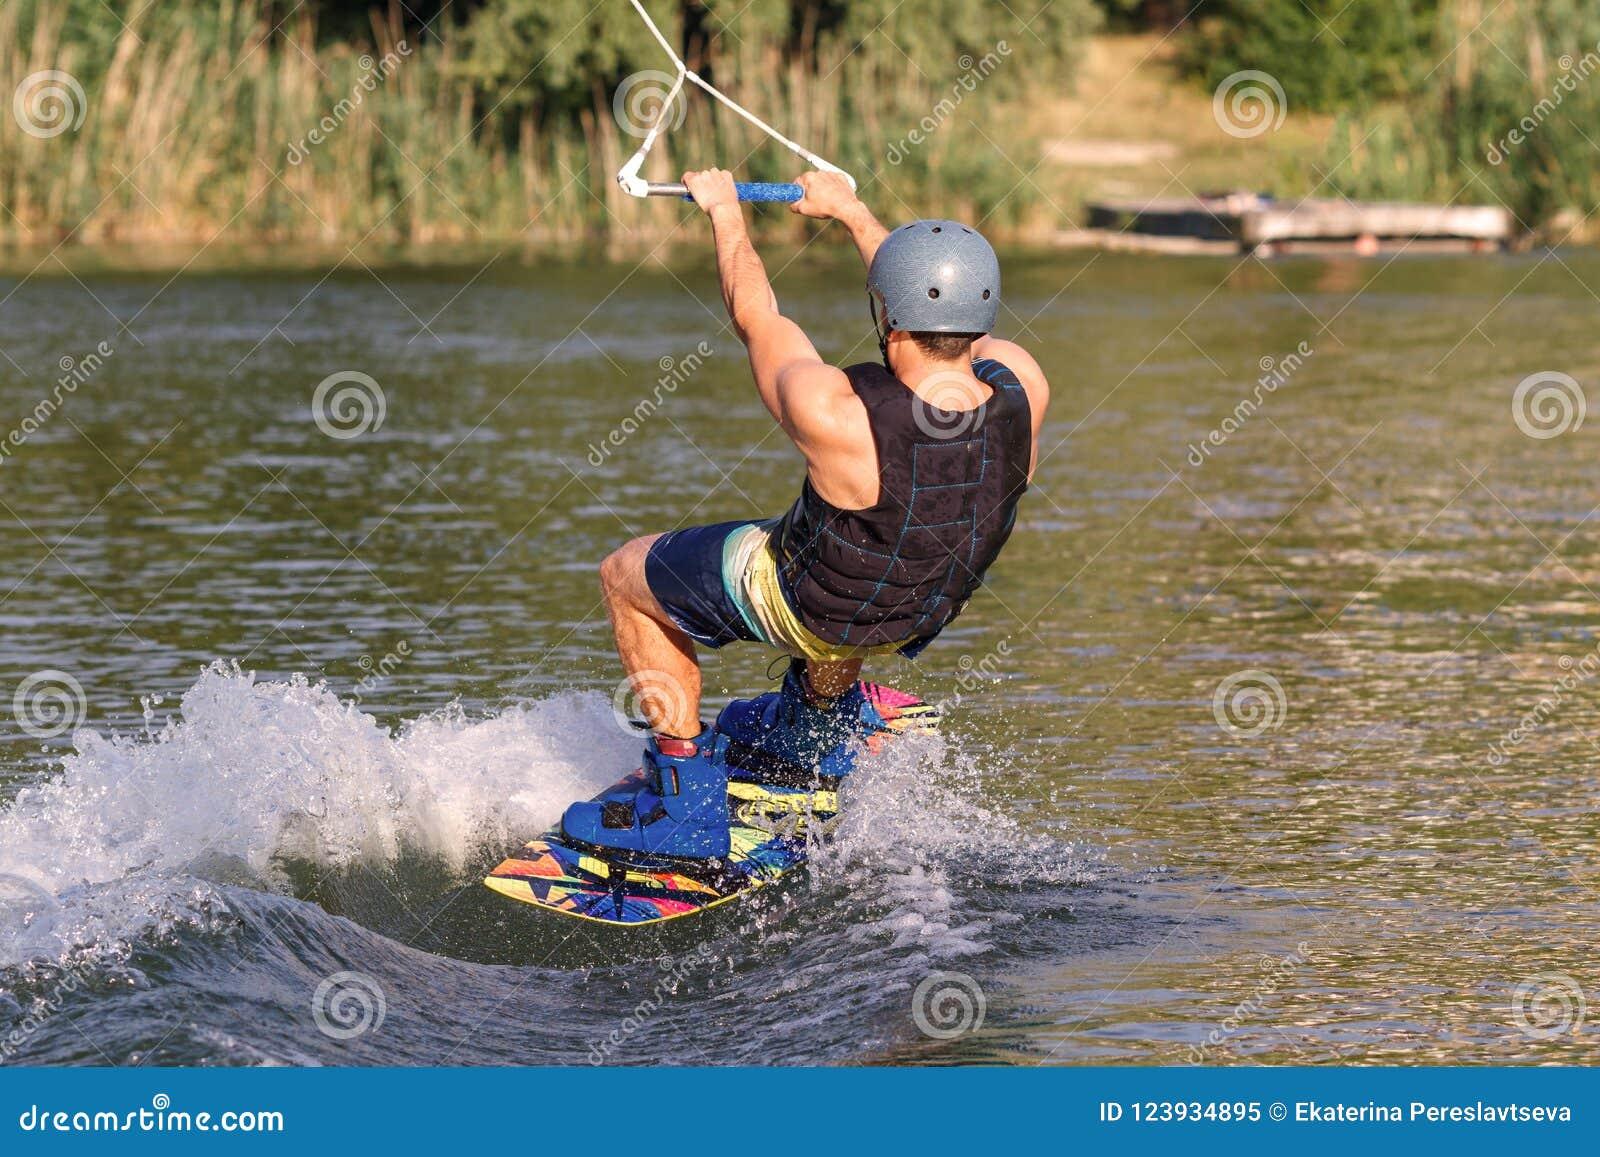 Un hombre contratado a wakeboard en el lago realiza saltos